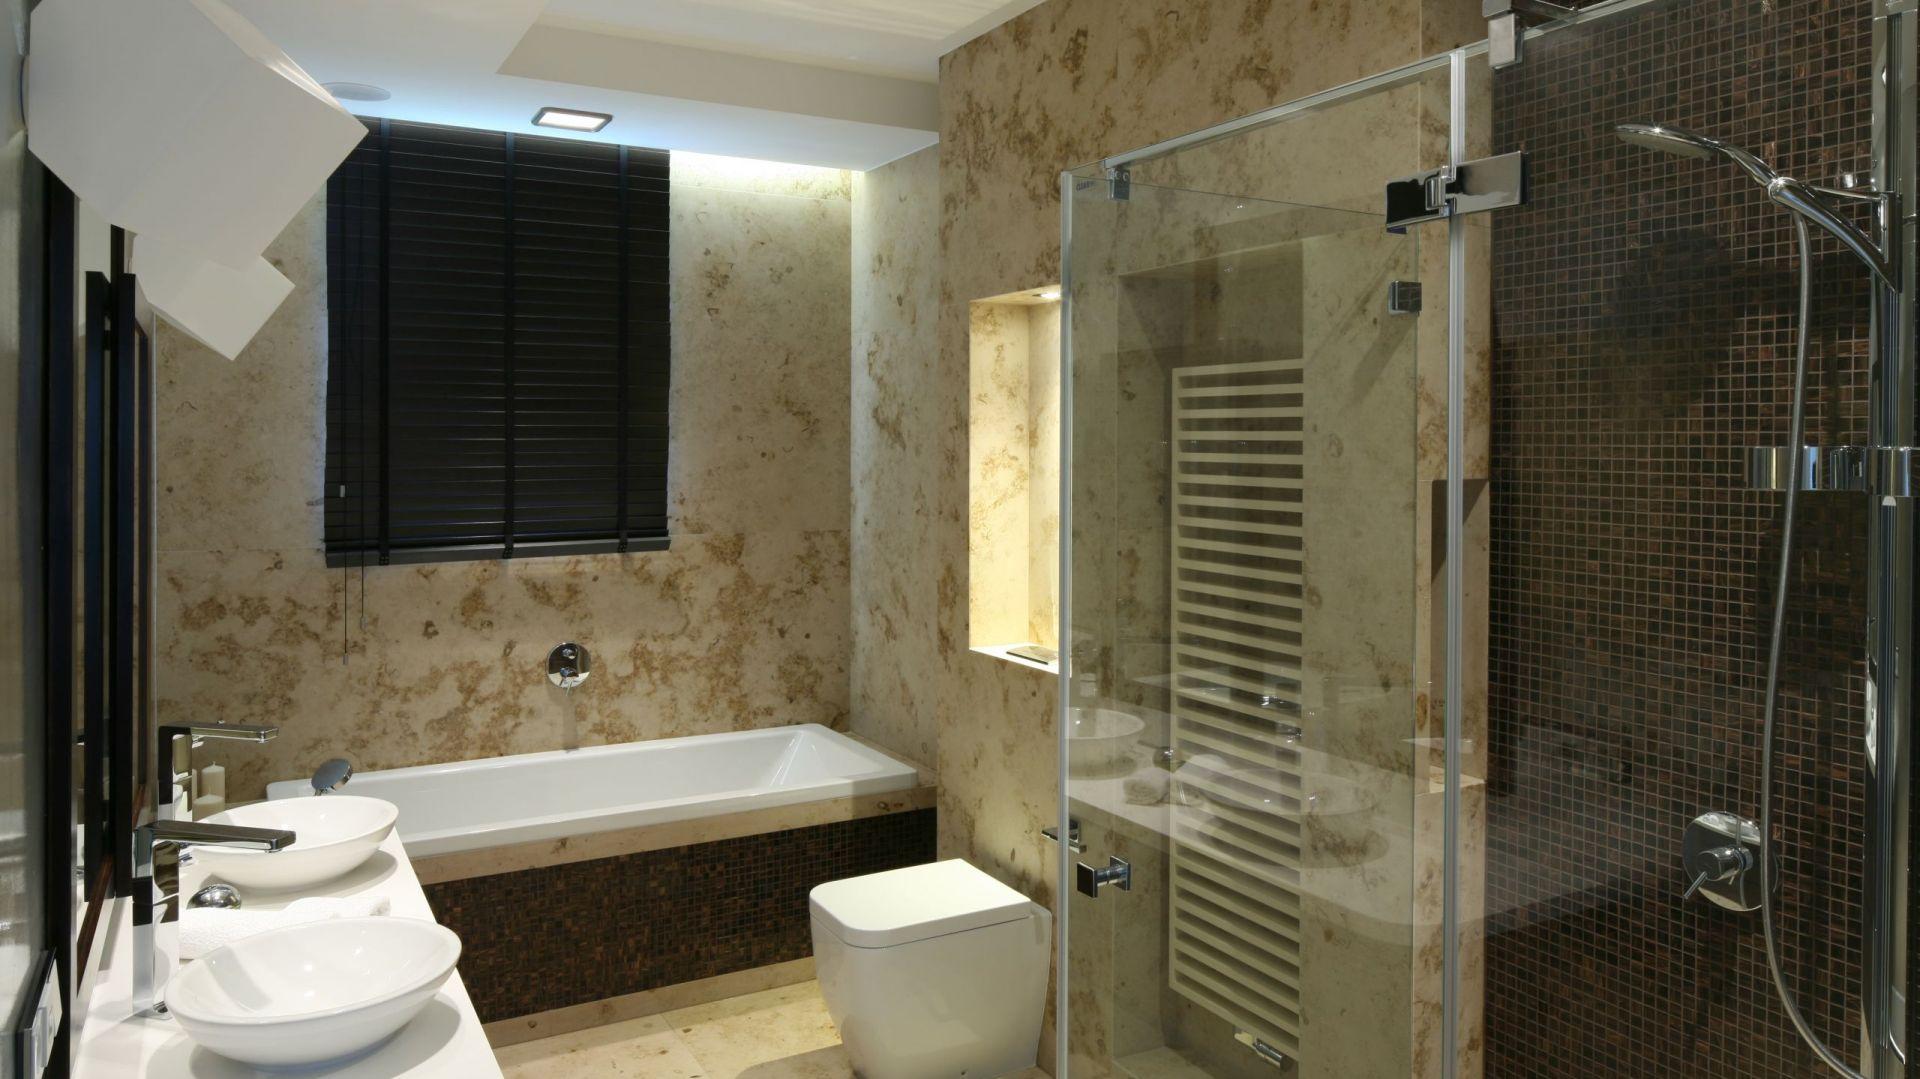 Przyjemny wybór między wanną a prysznicem daje im możliwość udanego relaksu. Fot. Bartosz Jarosz